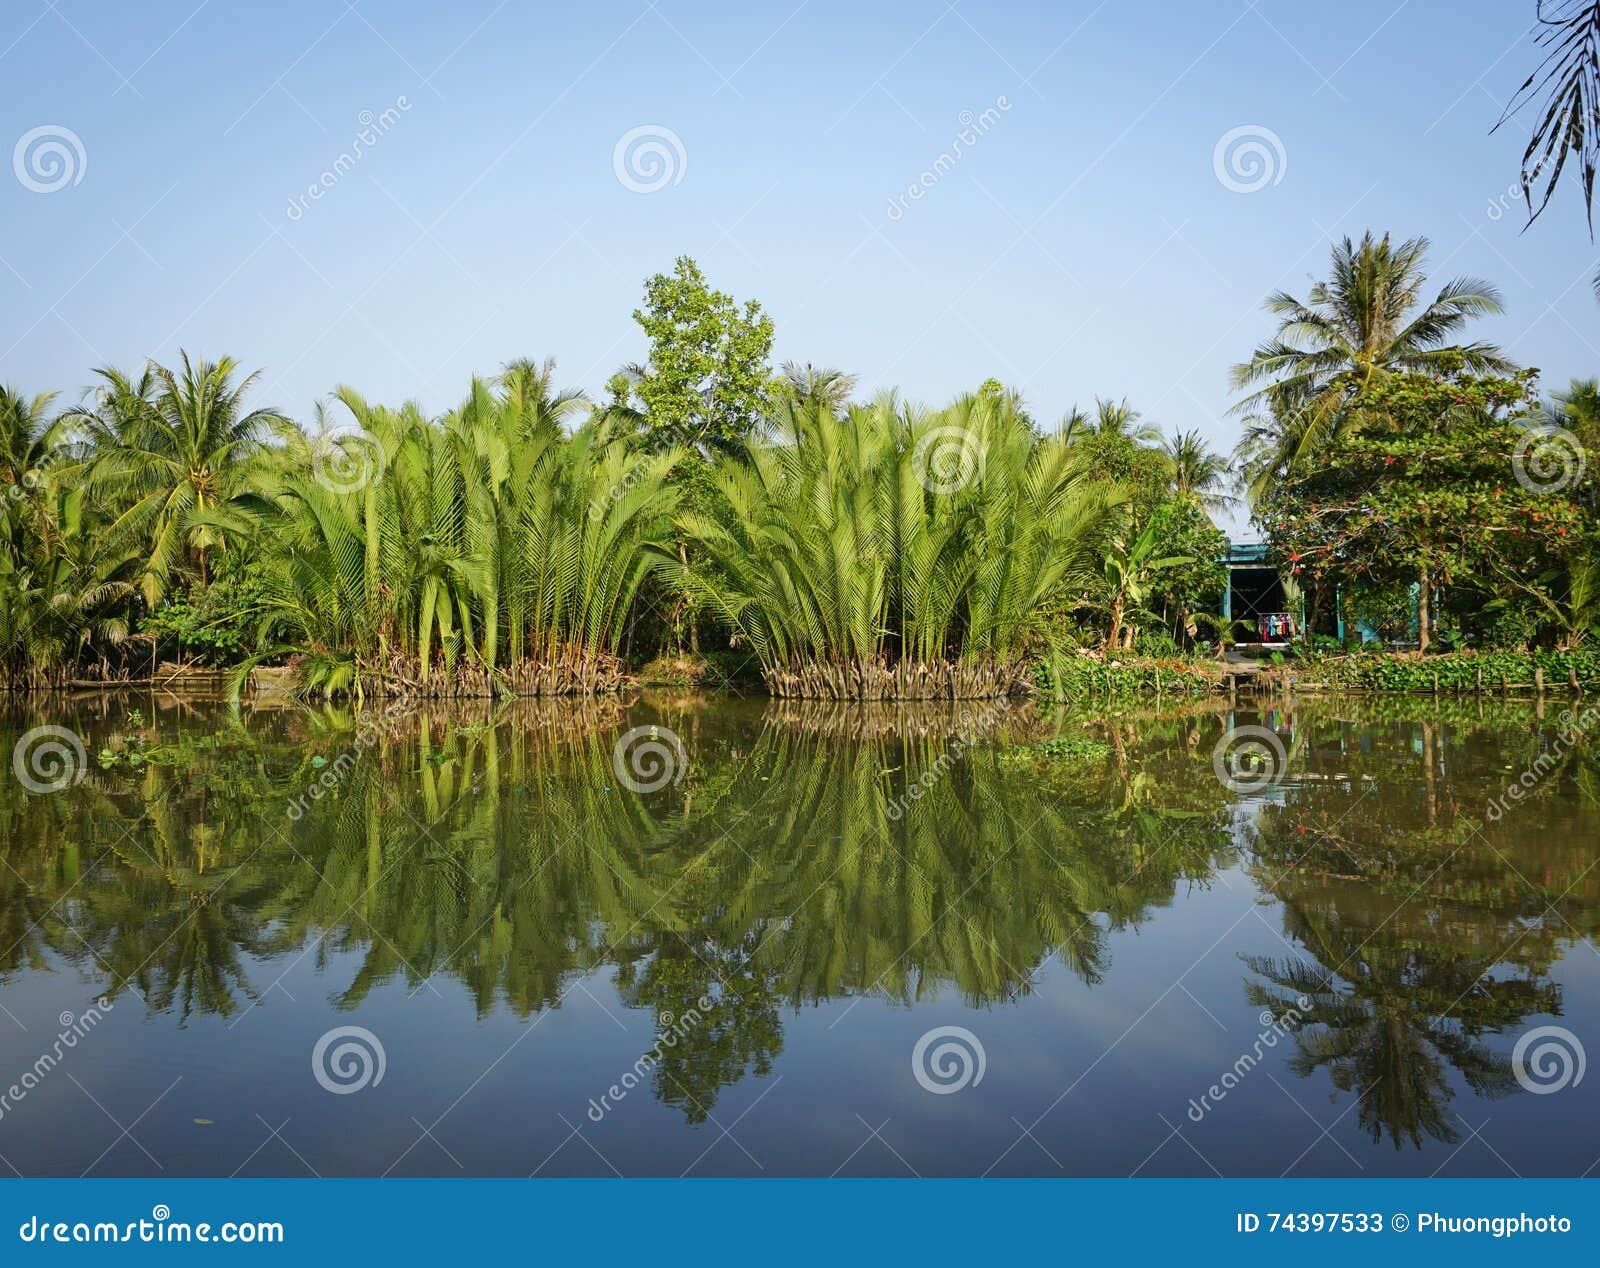 Rural scene with the river in Sadek, Vietnam